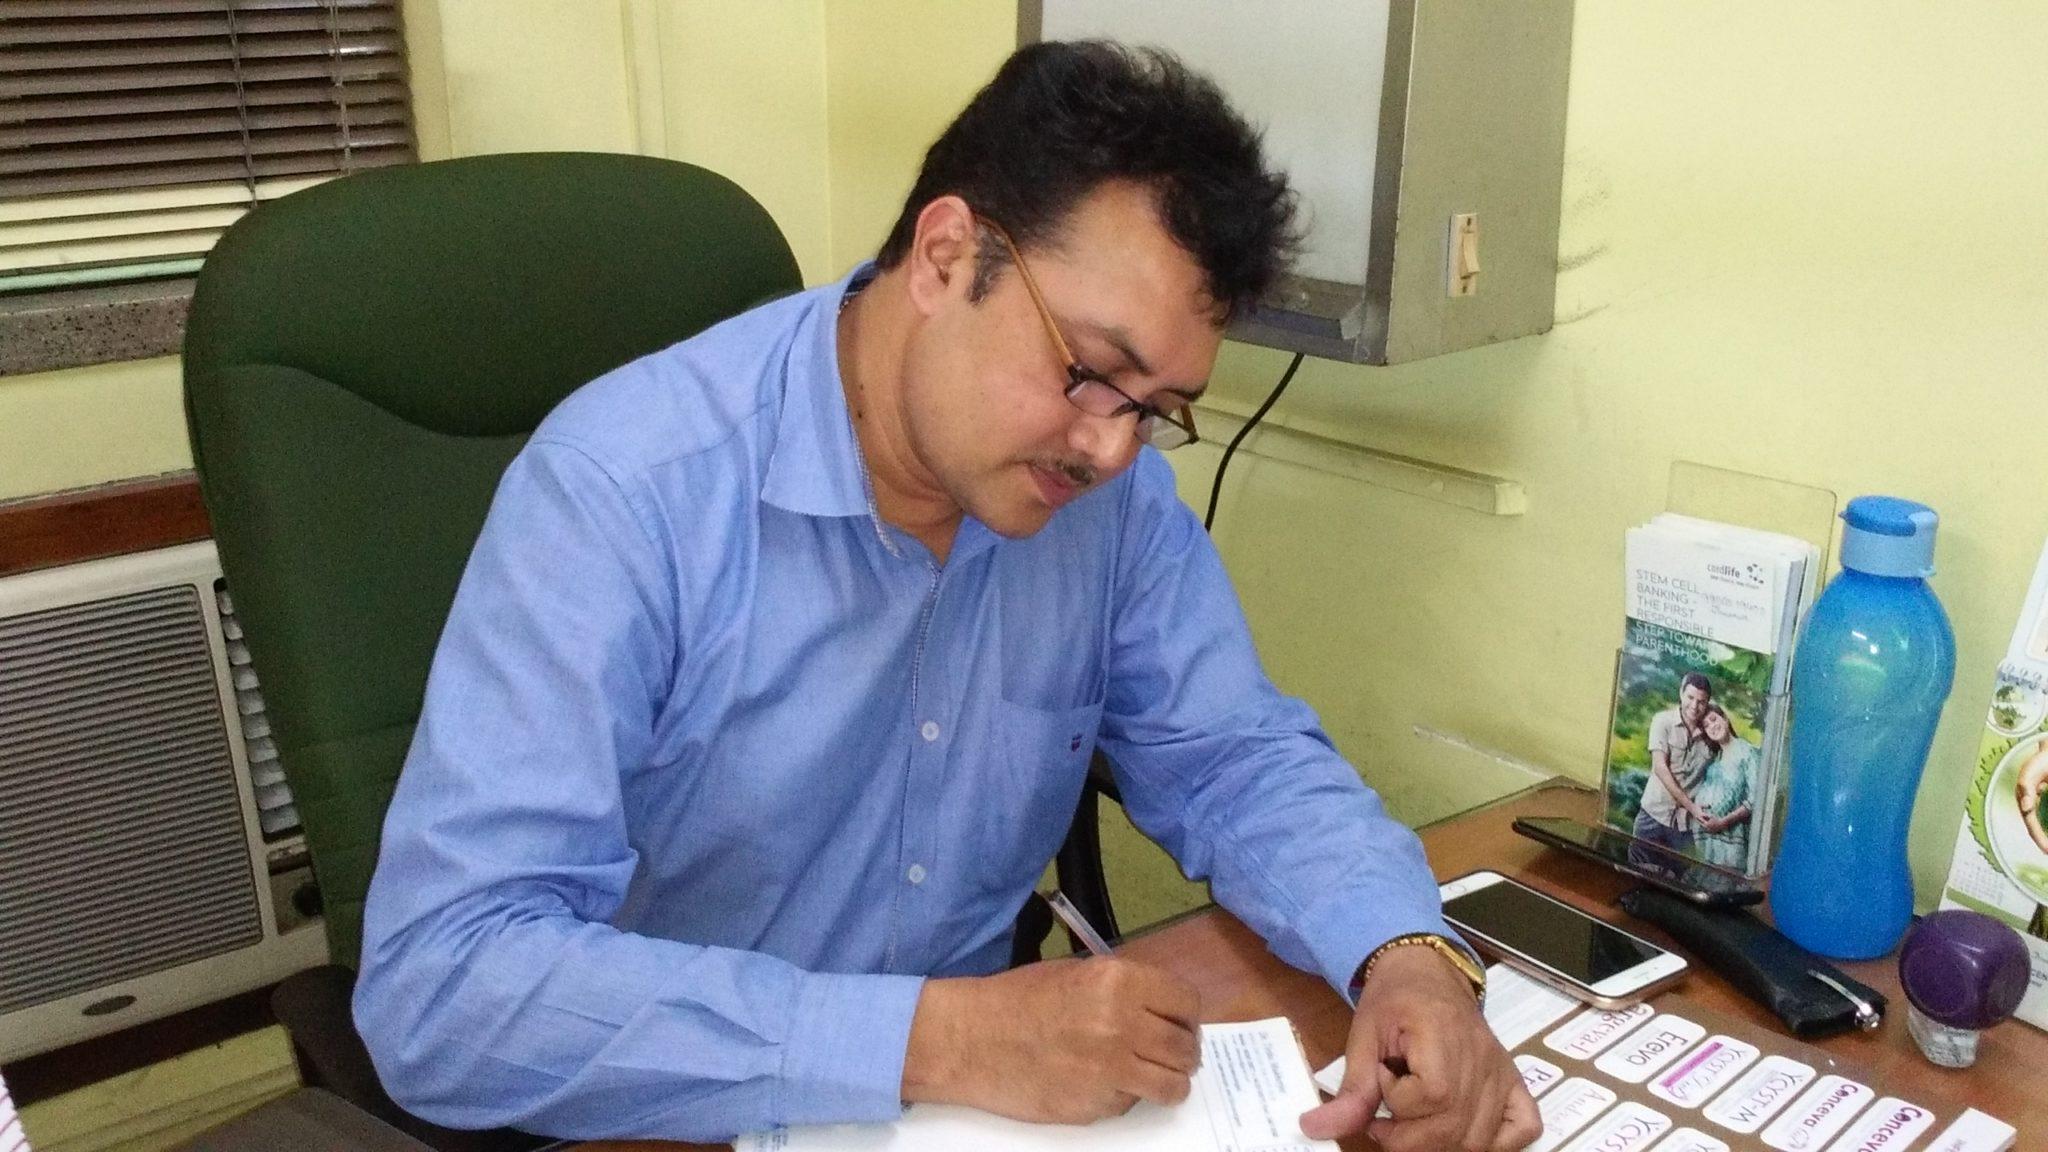 Dr. Tirtha Mukherjee